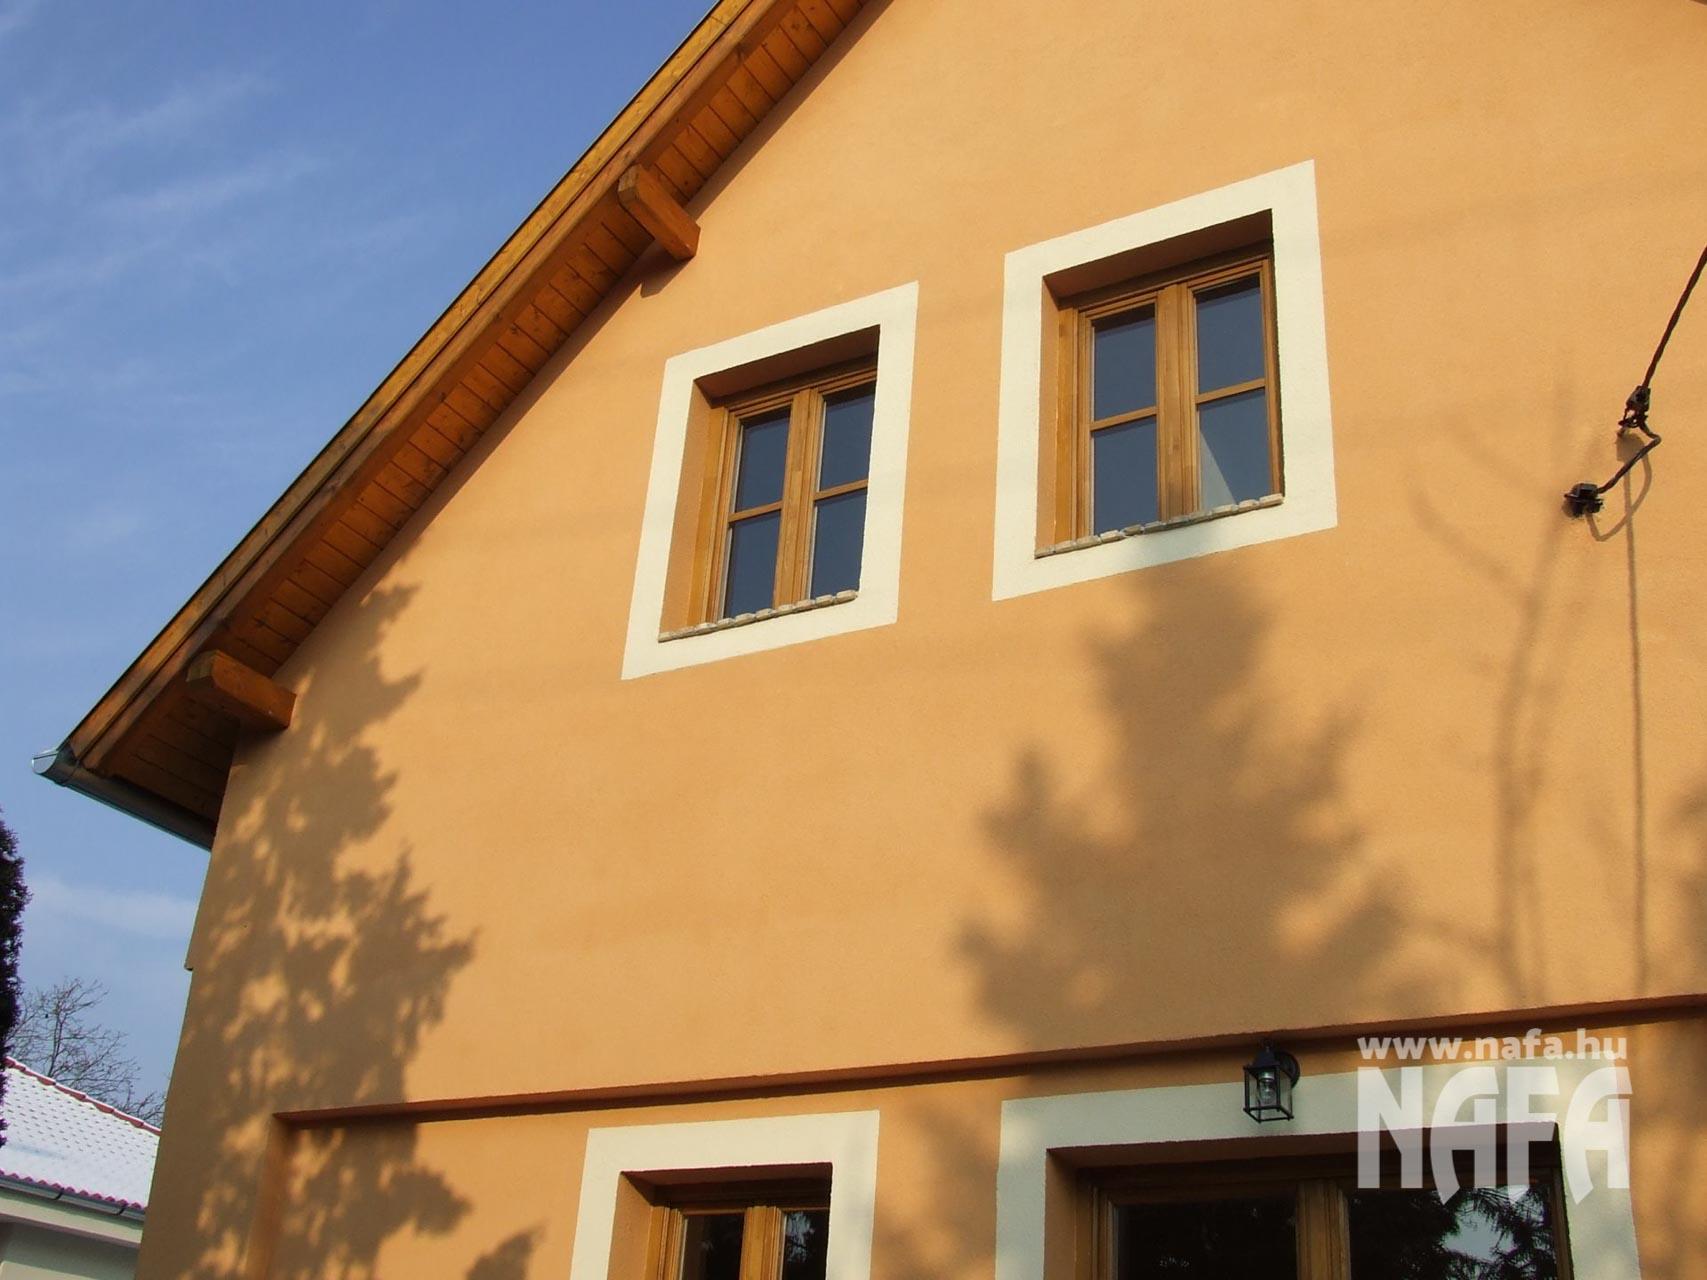 Fa nyílászárók, egyedi festett ablakok, Budapest Családiház